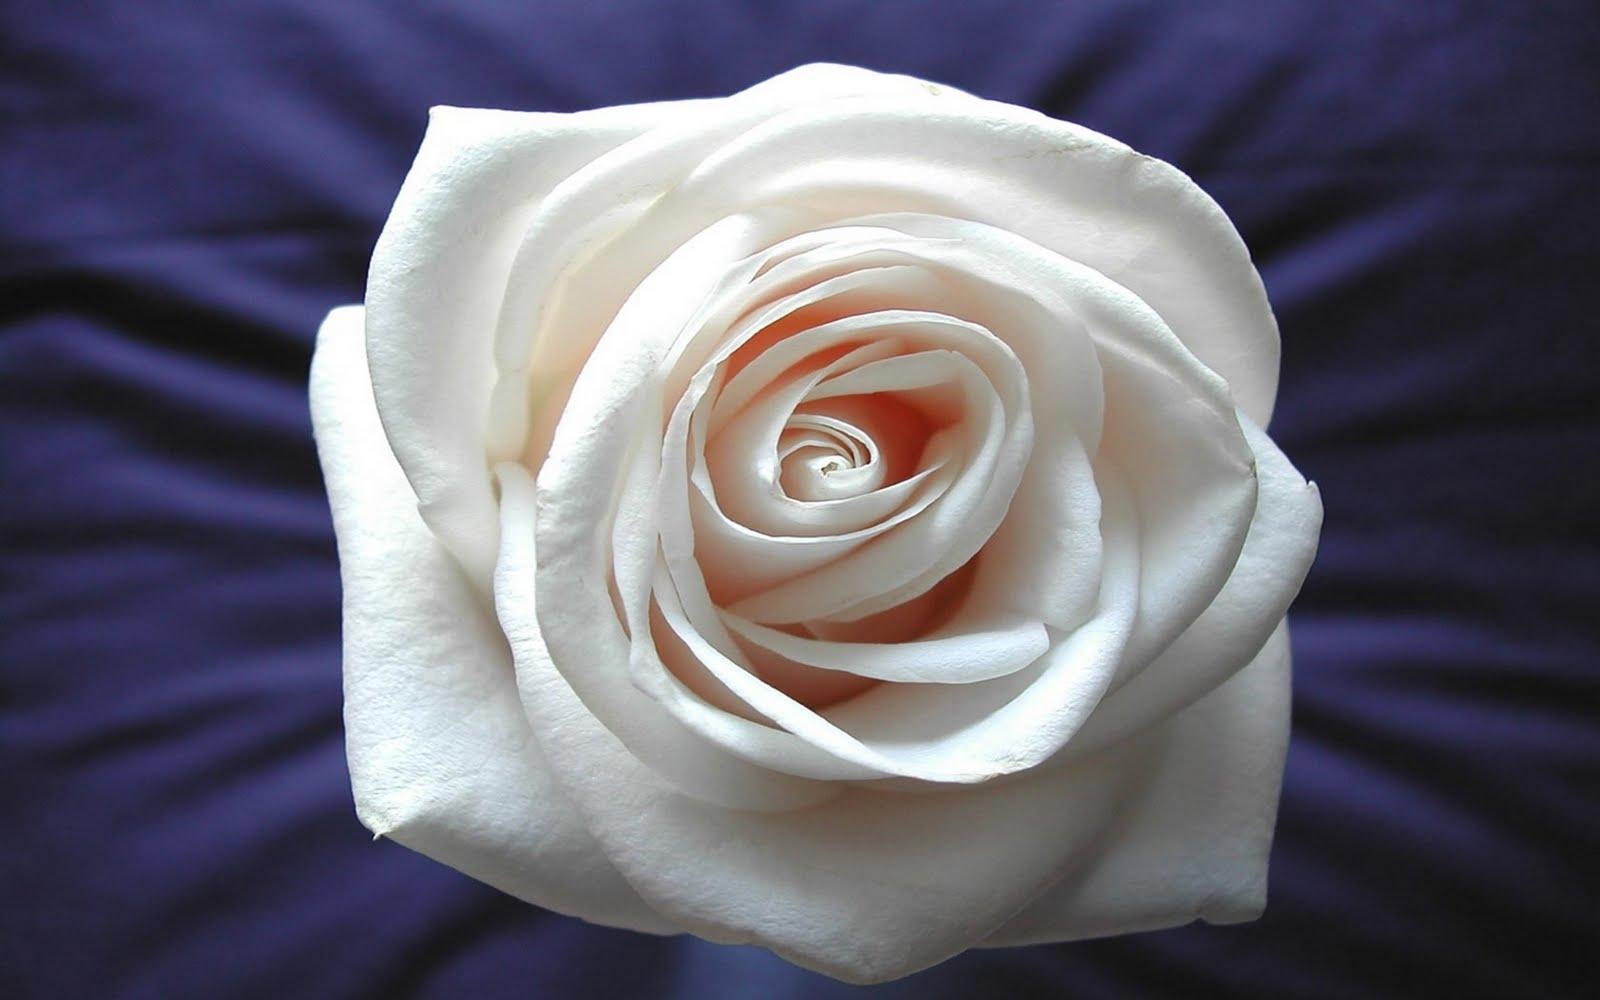 http://2.bp.blogspot.com/-LQJUL47VWHU/TdlklDBKxRI/AAAAAAAAQJ4/Pe8gHxfSCdM/s1600/flowers-67.jpg